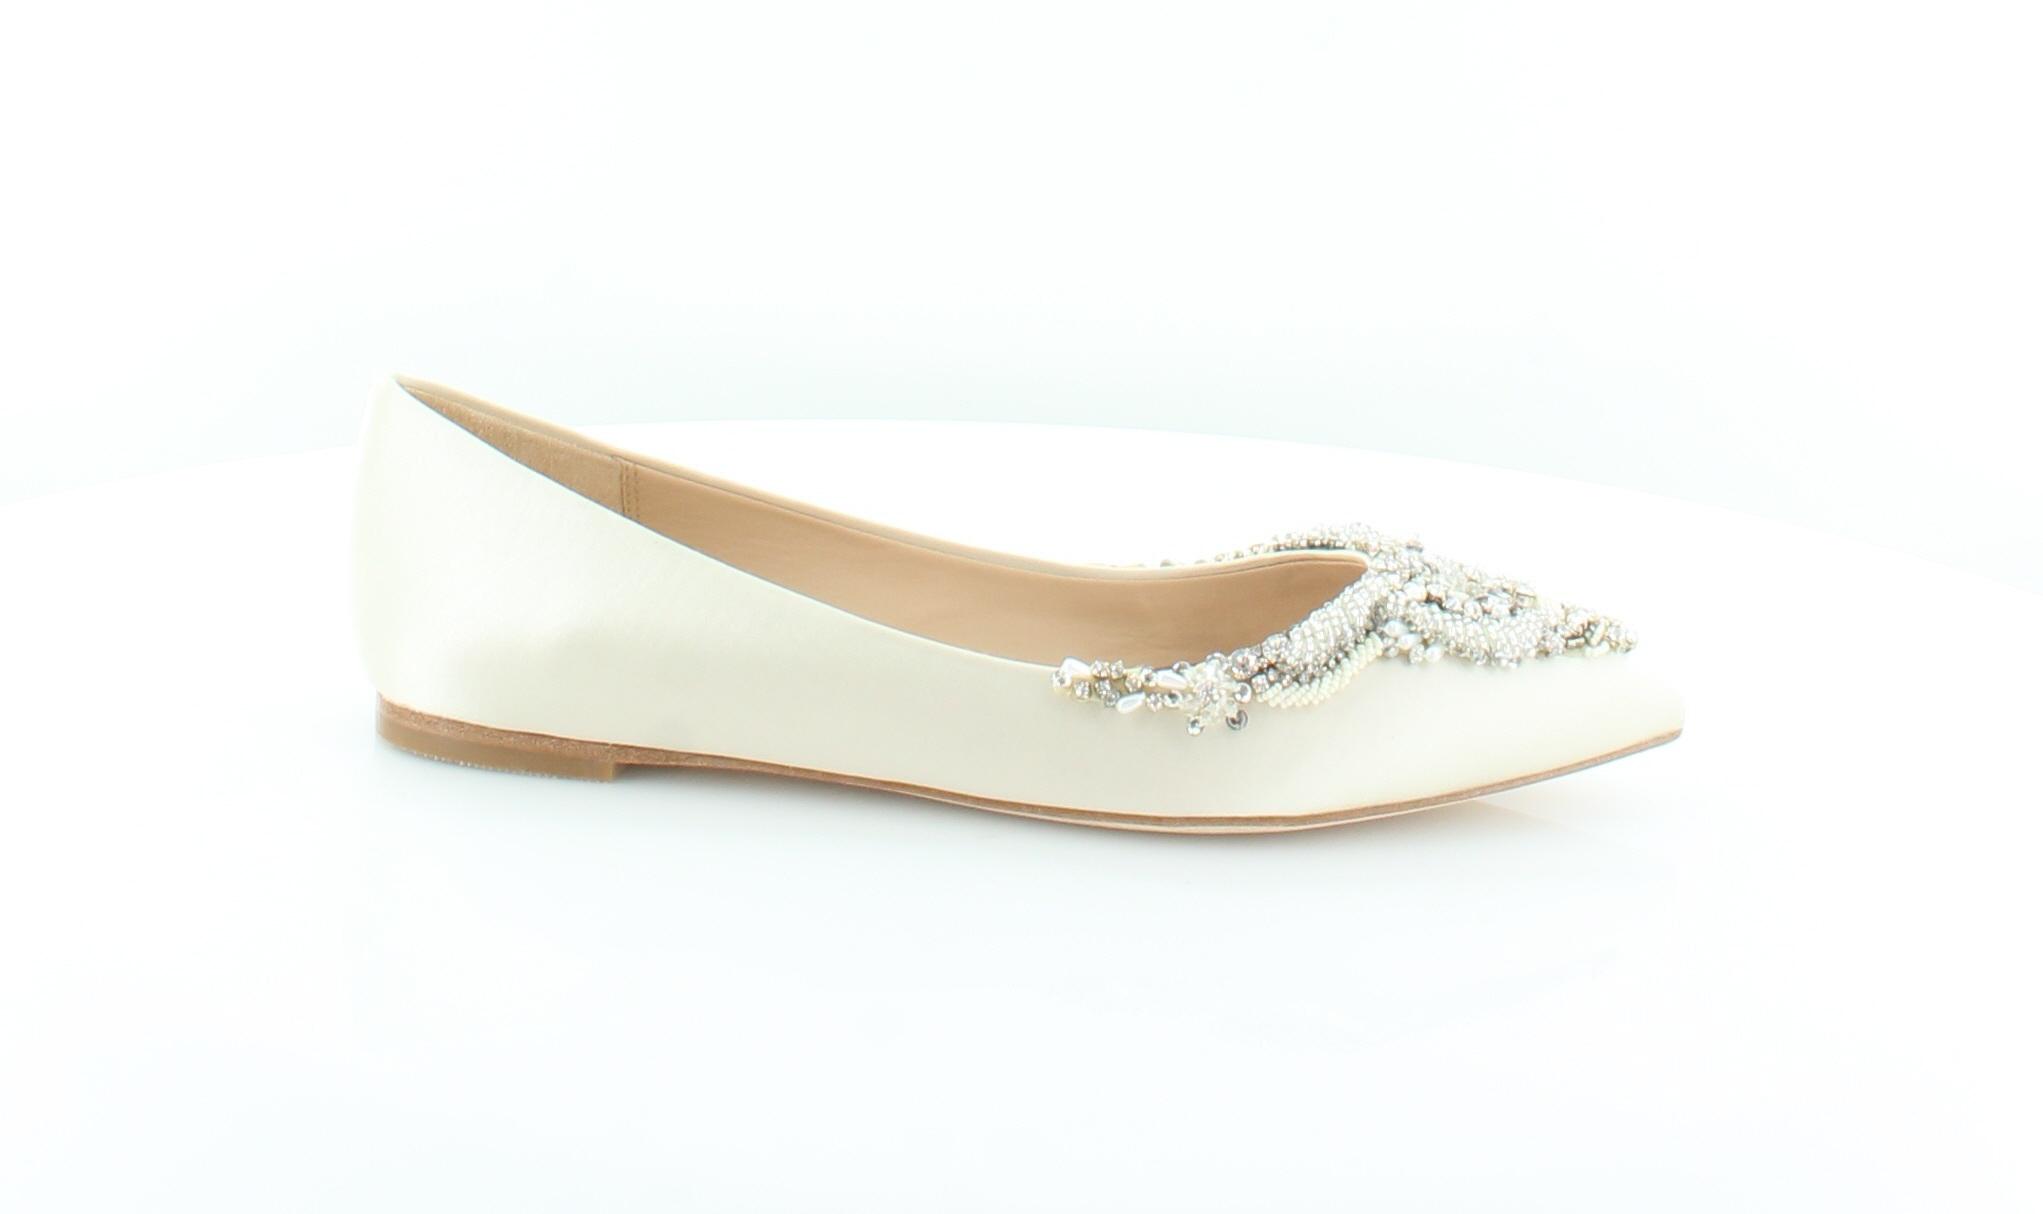 spedizione gratuita in tutto il mondo Badgley Mischka New Malena Ivory donna scarpe Dimensione 8.5 M M M Flats MSRP  225  outlet online economico